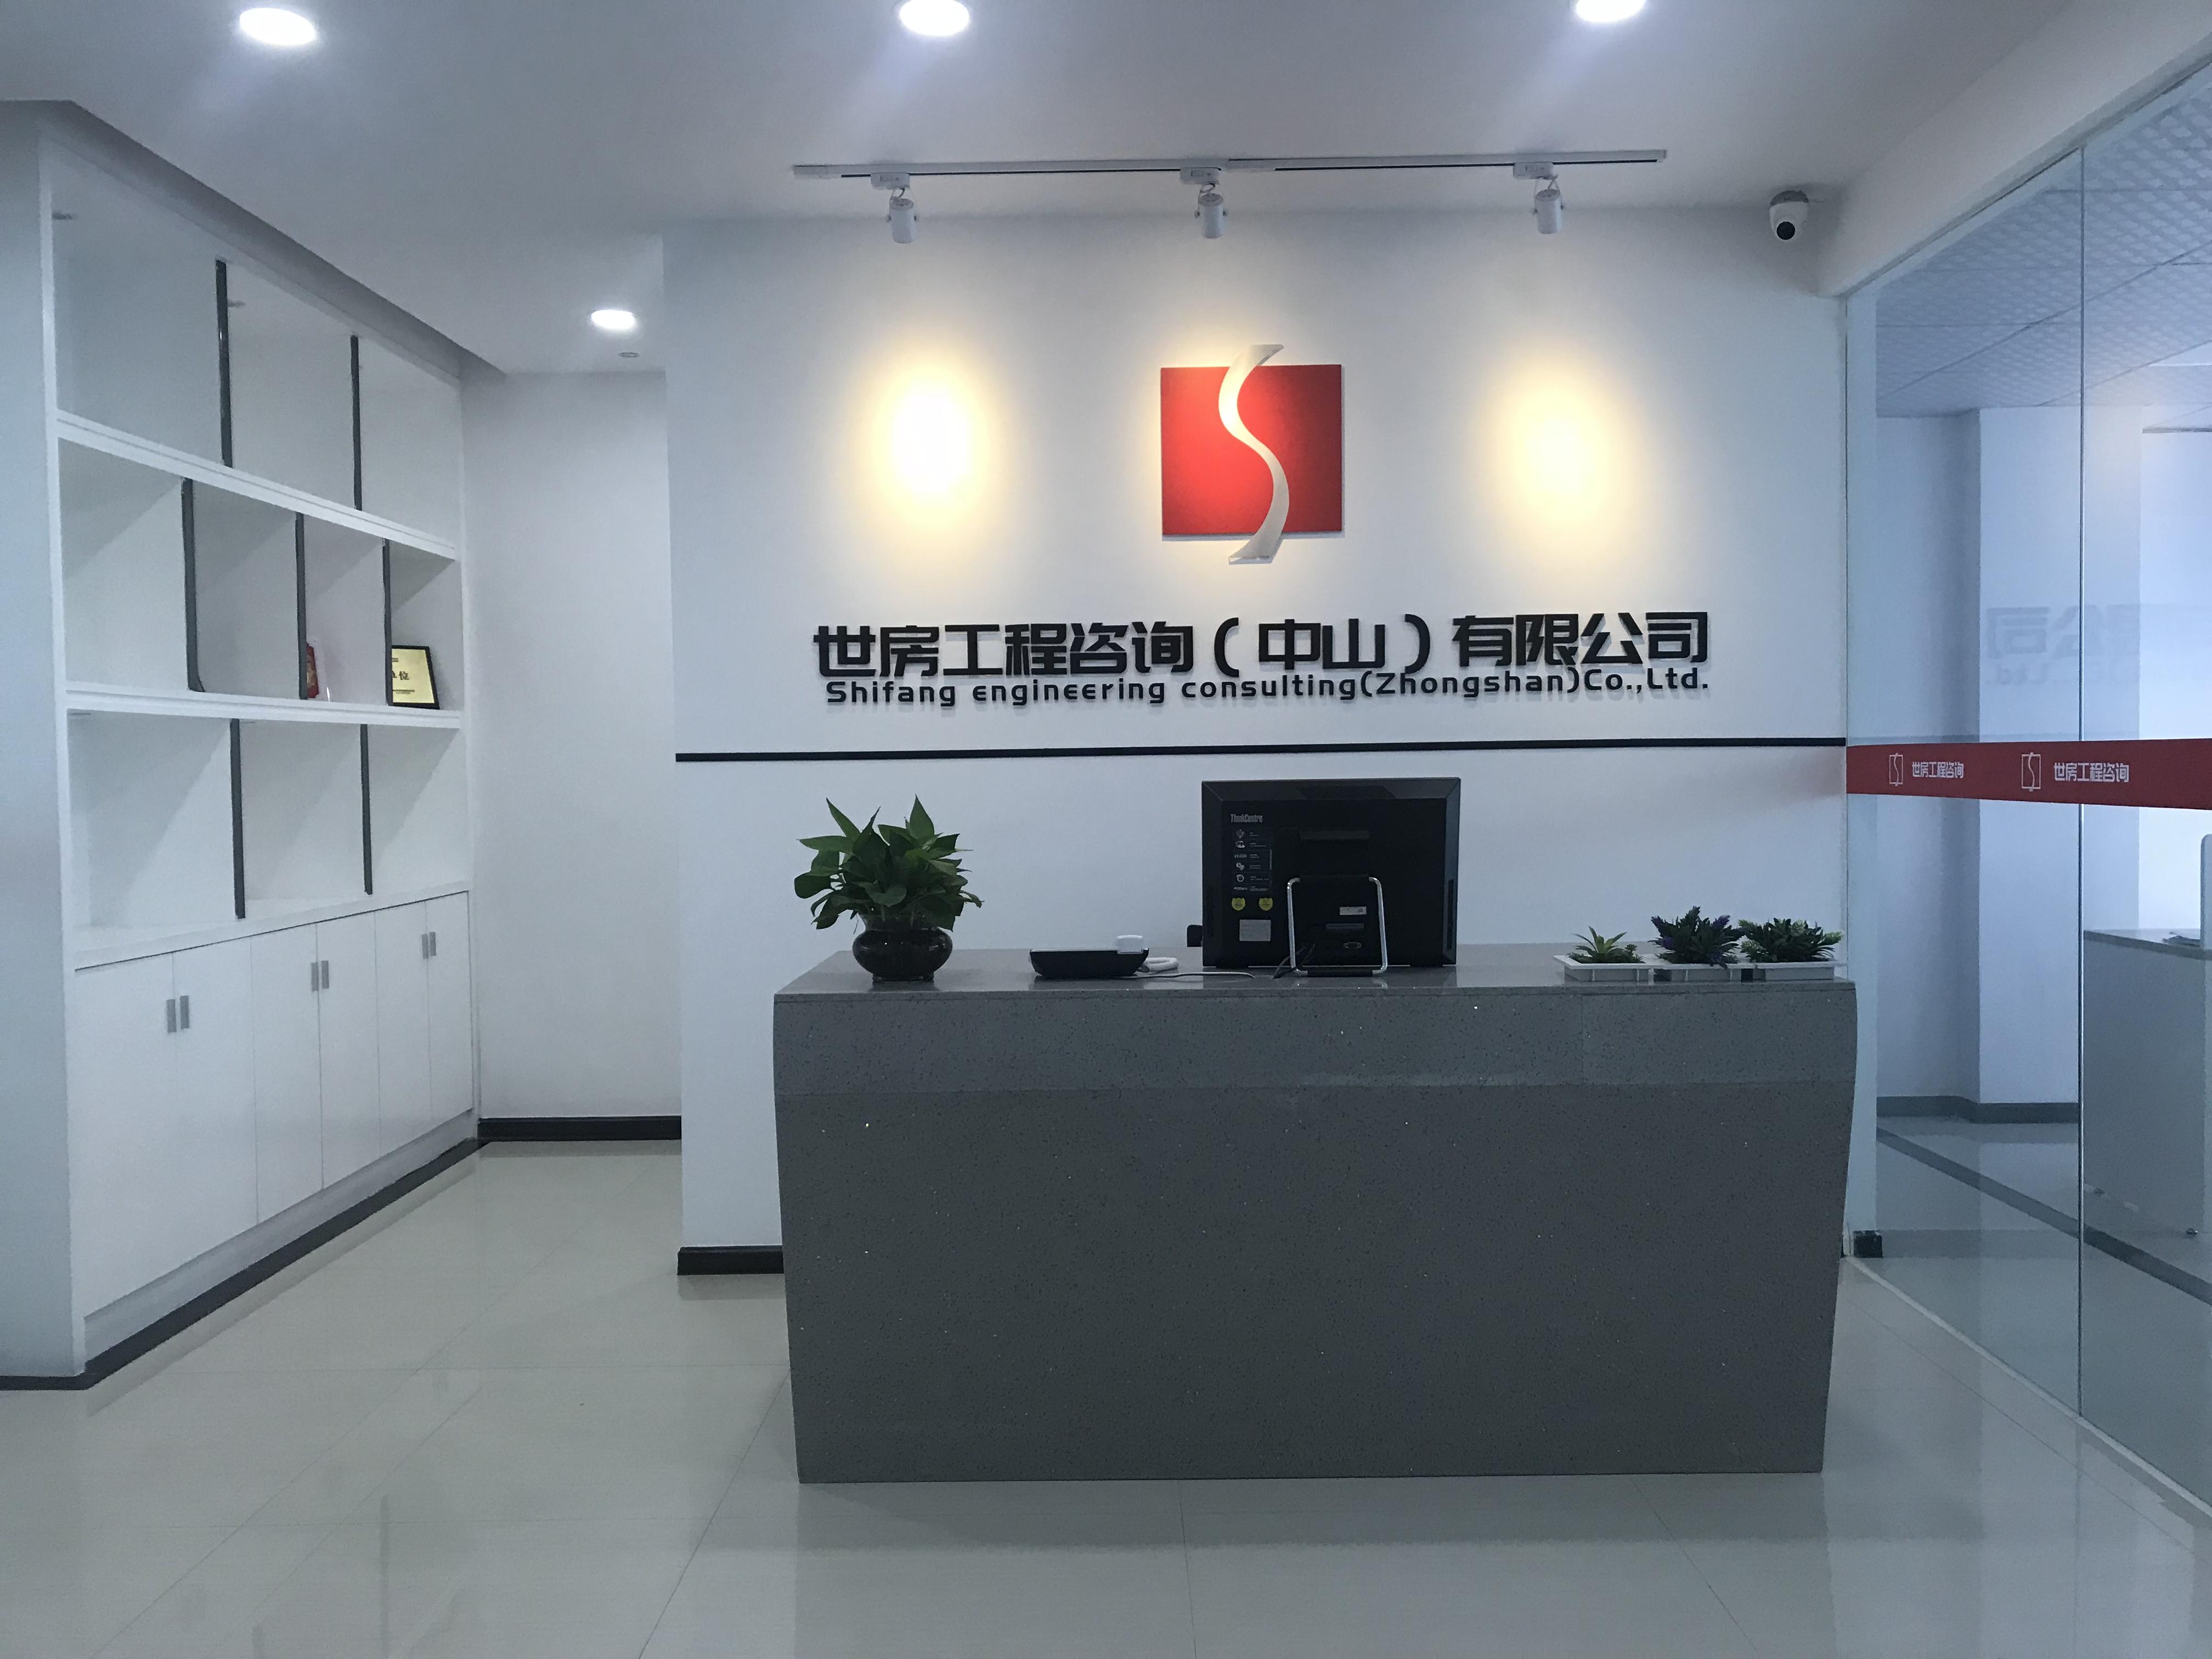 世房工程咨询(中山)有限公司_才通国际人才网_job001.cn